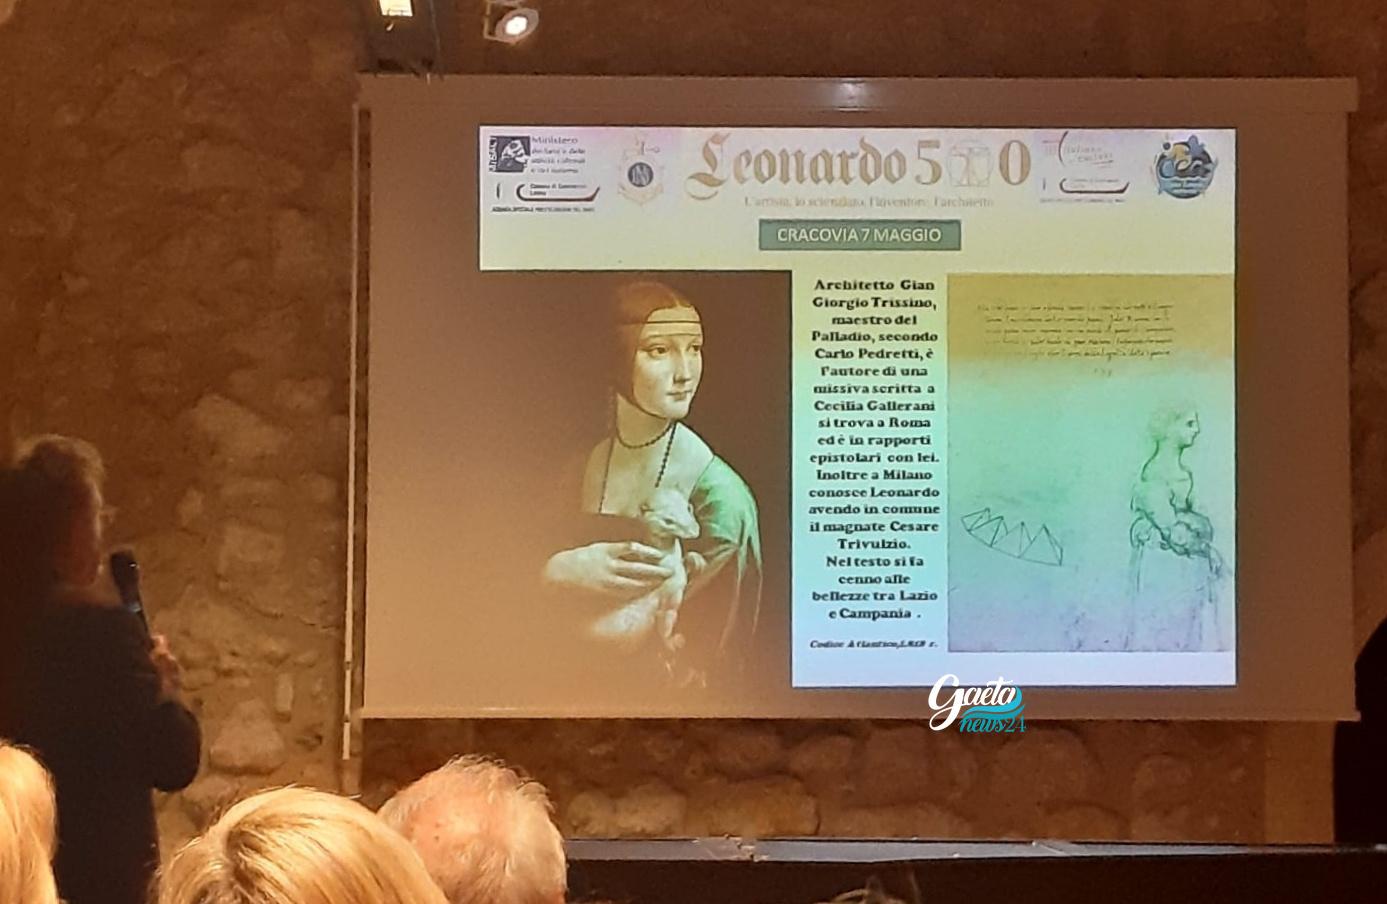 Cracovia: la cucina al tempo di Leonardo, lo Chef gaetano Orlando ...